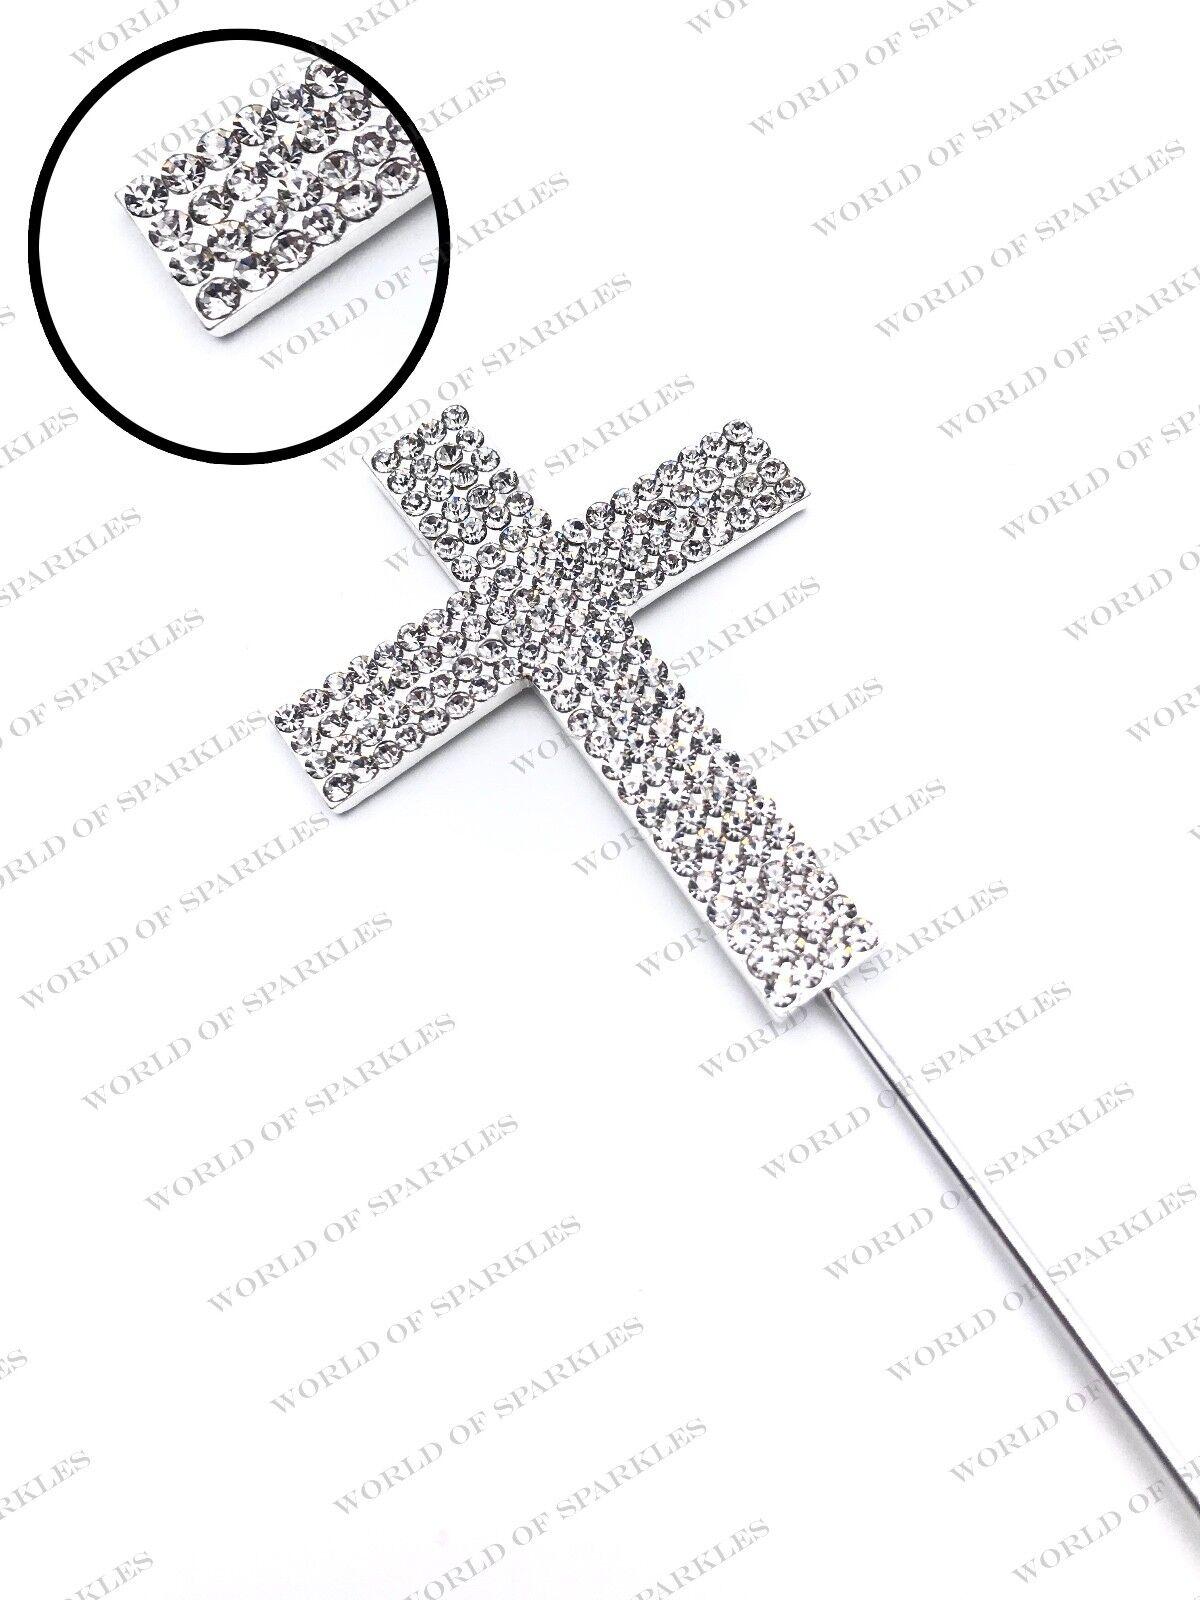 Heart Burst Diamante Cross Cake Topper Christening First Holy Communion